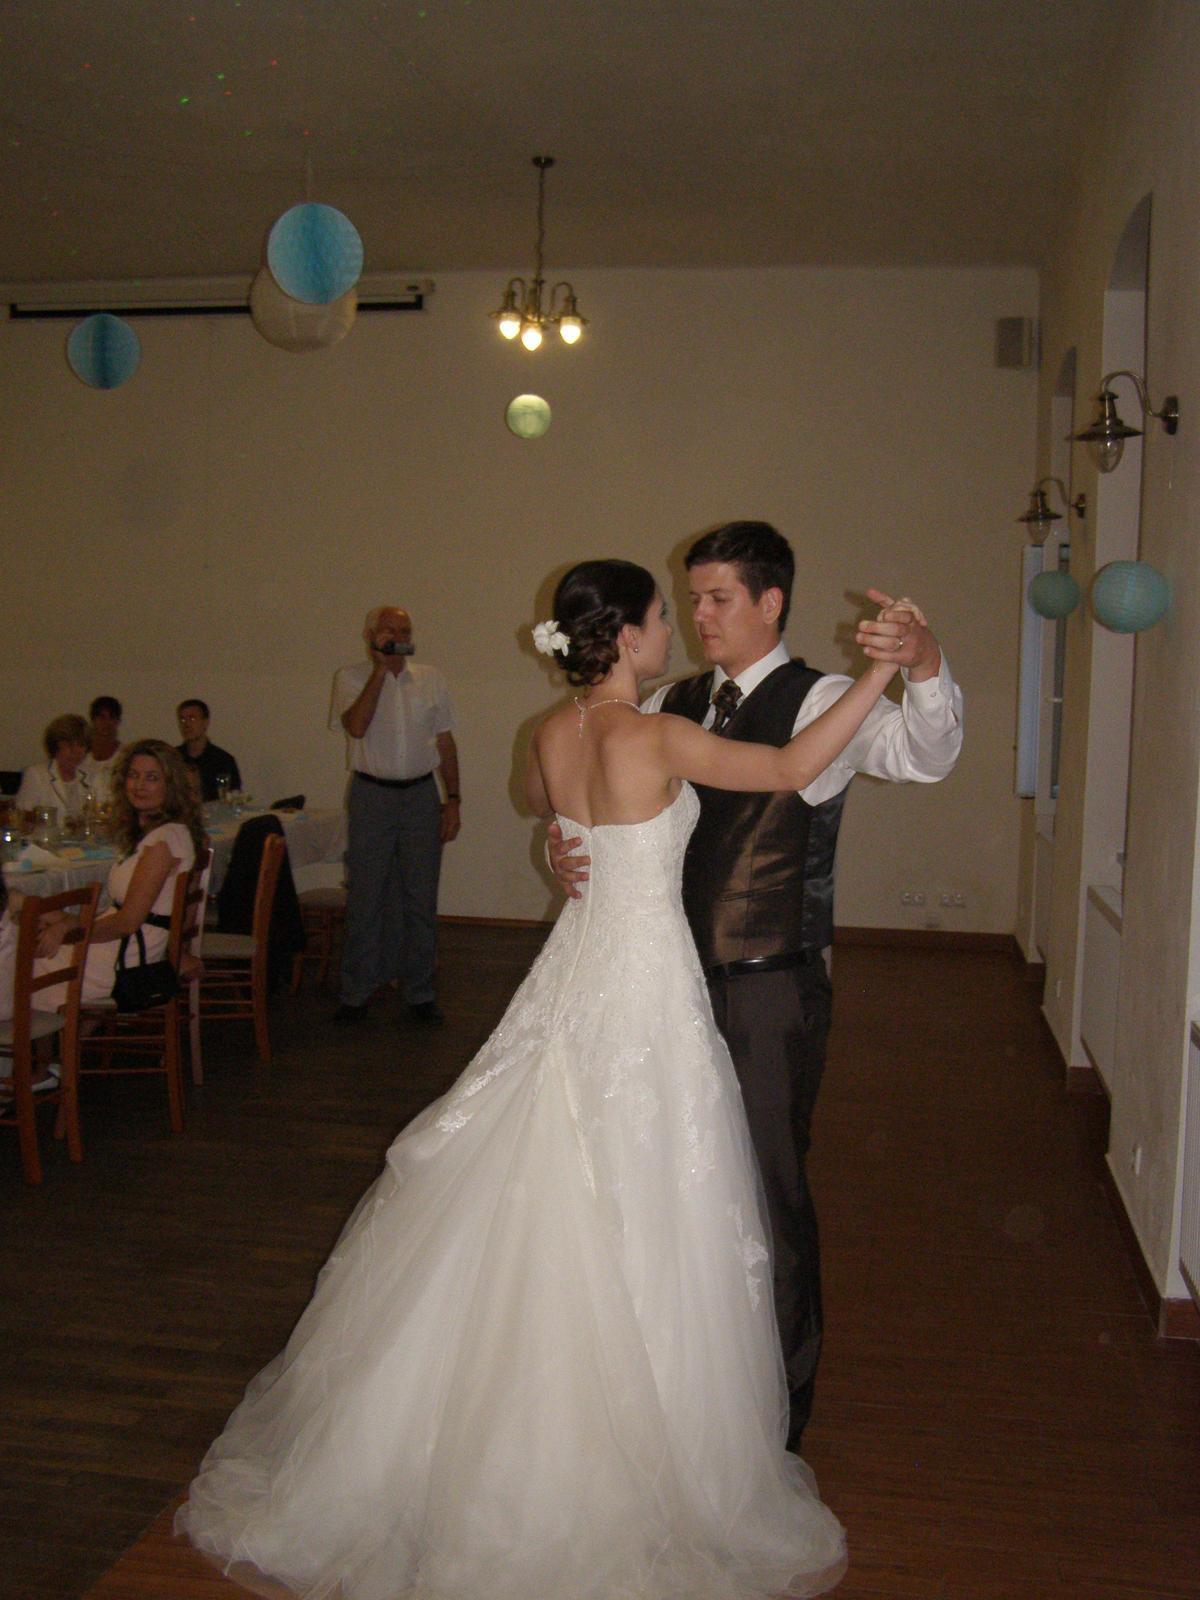 Pivovar Podlesí - svatba 2.9.2016 - ......první tanec novomanželů.......